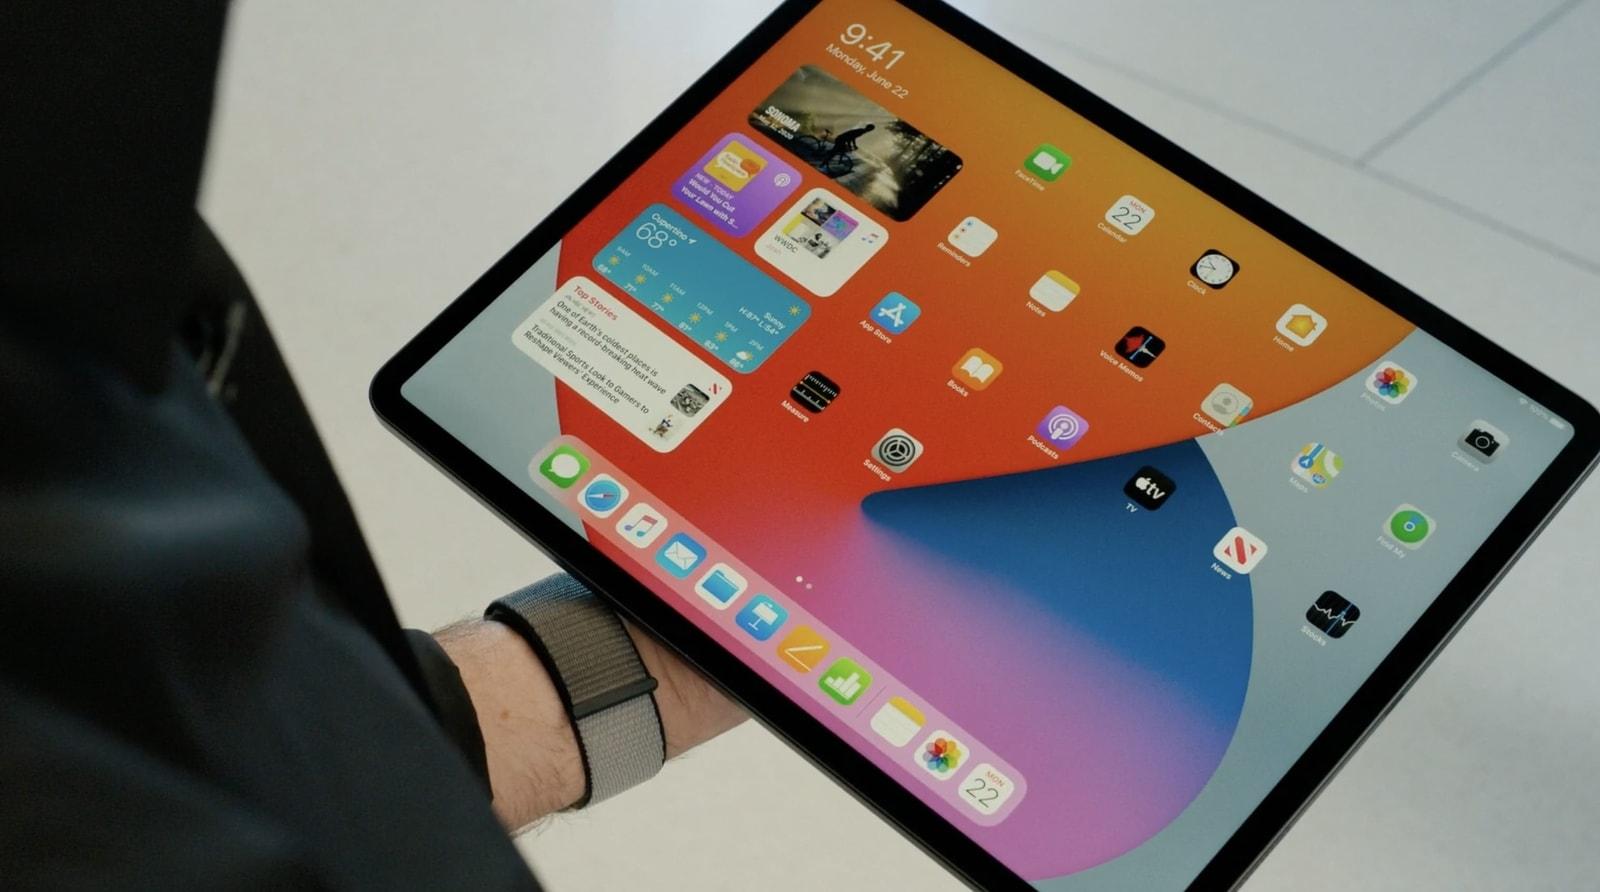 iPadOS 14 ra mắt: Nhiều ứng dụng hệ thống được thiết kế lại, tính năng tìm kiếm Universal Search mới